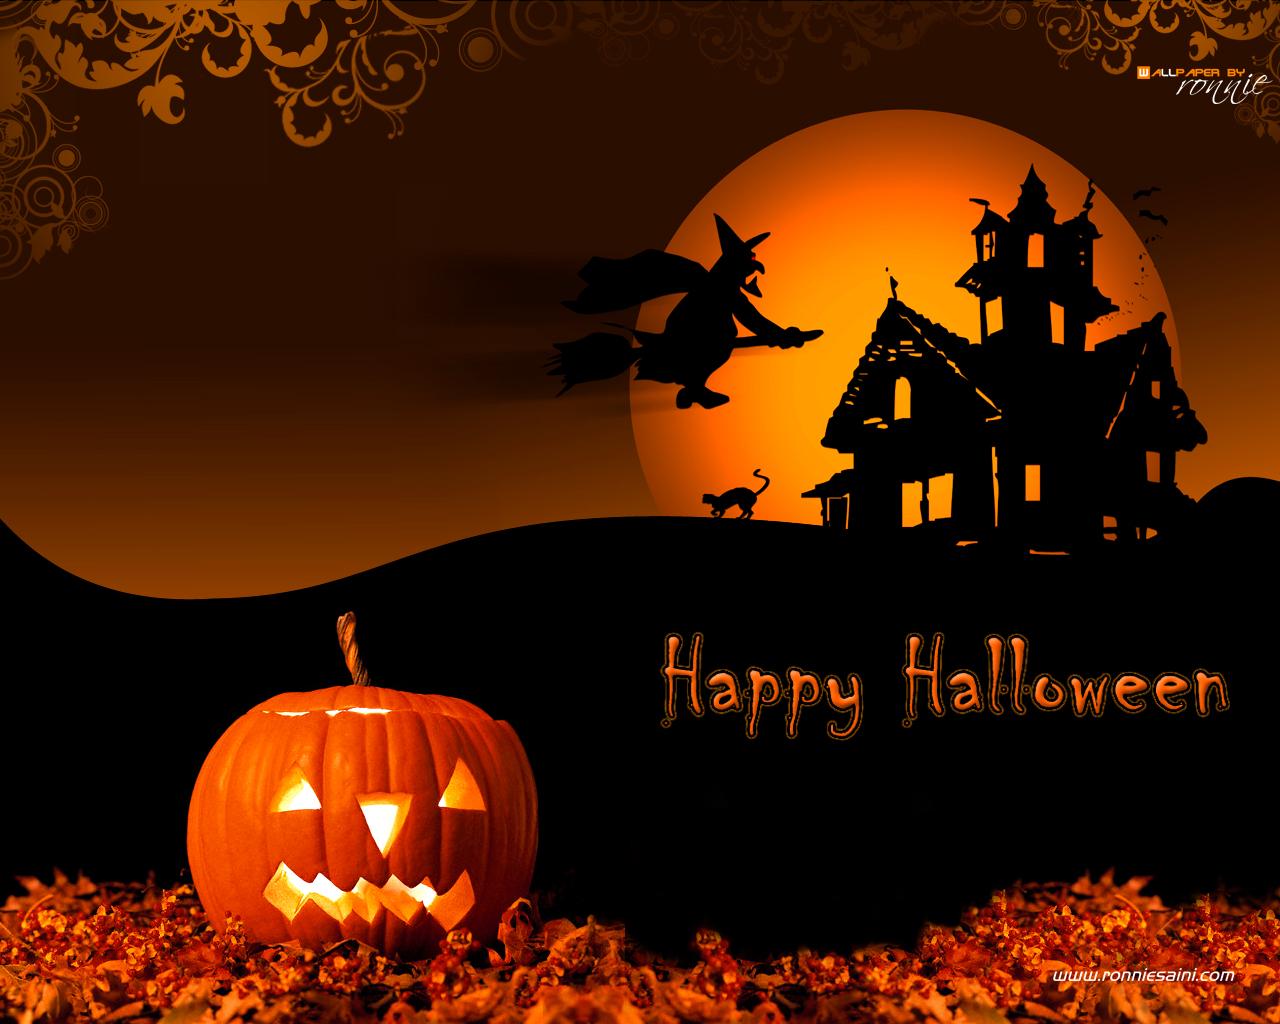 Halloween Wallpapers Halloween 2013 HD Wallpapers 1280x1024